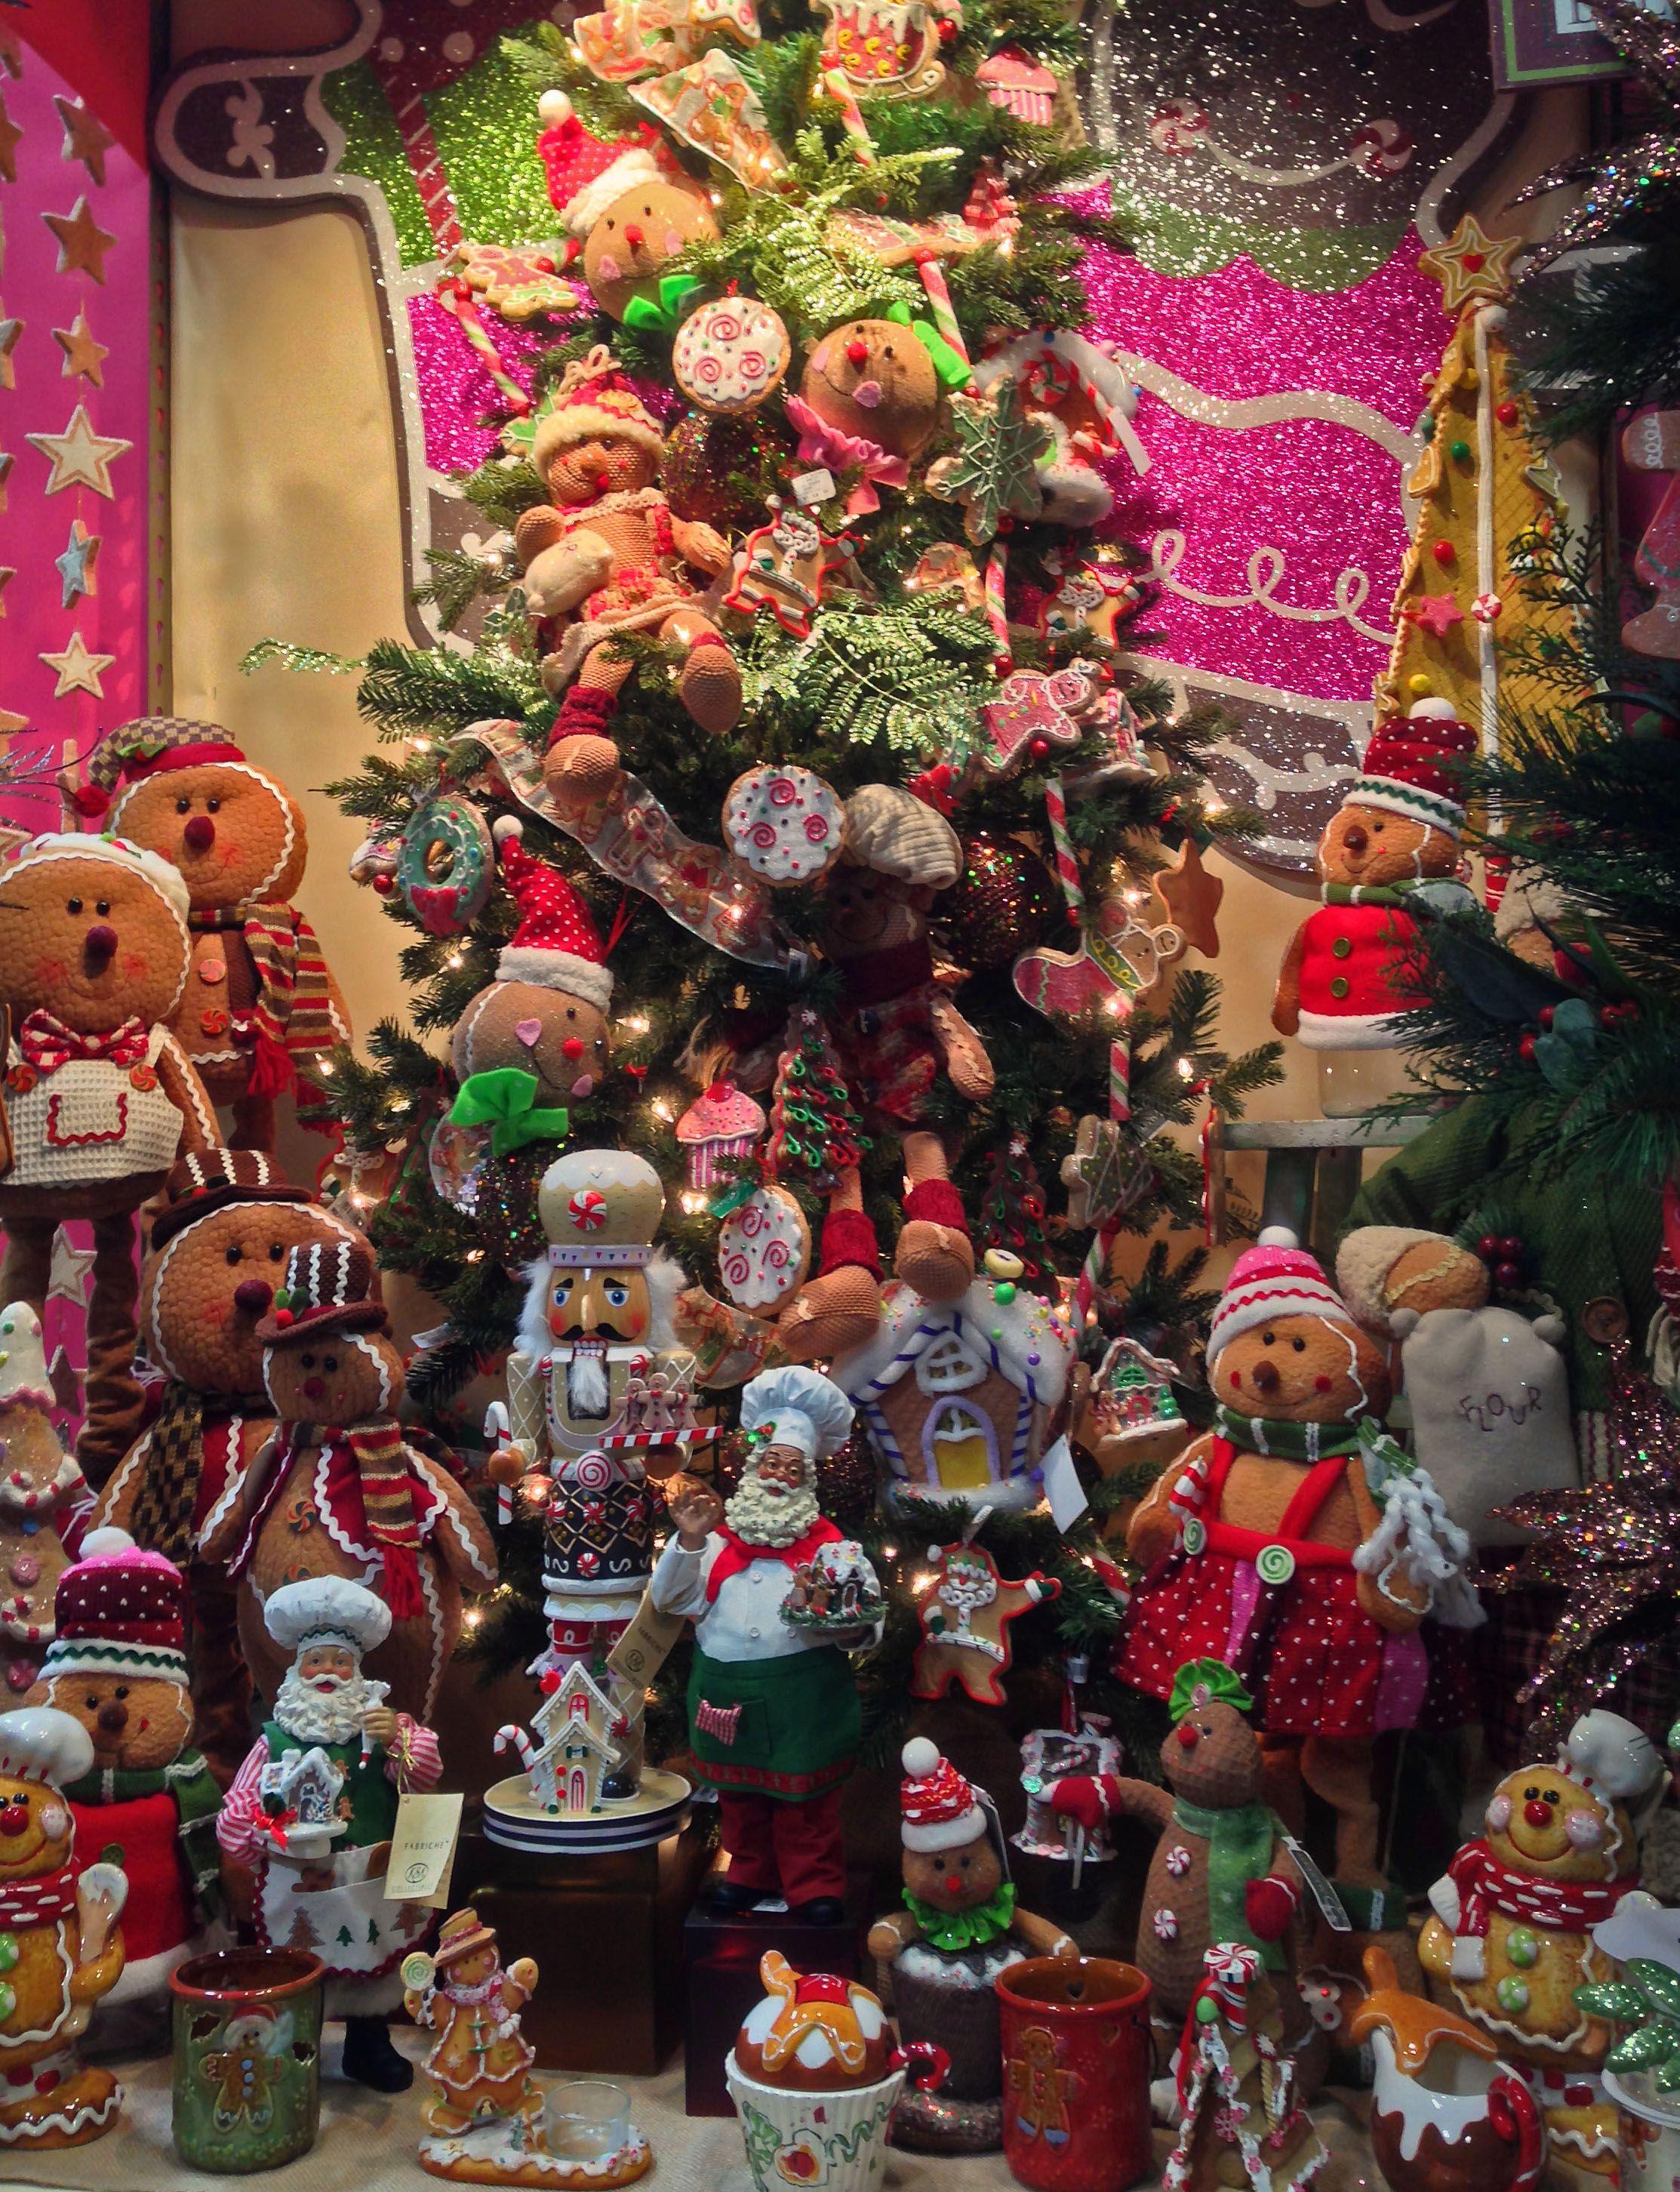 Christmas Tree Shops Christmas Tree Shops For Decorating Ideas Christmas Tree Shop Christmas Tree Shop Decoration